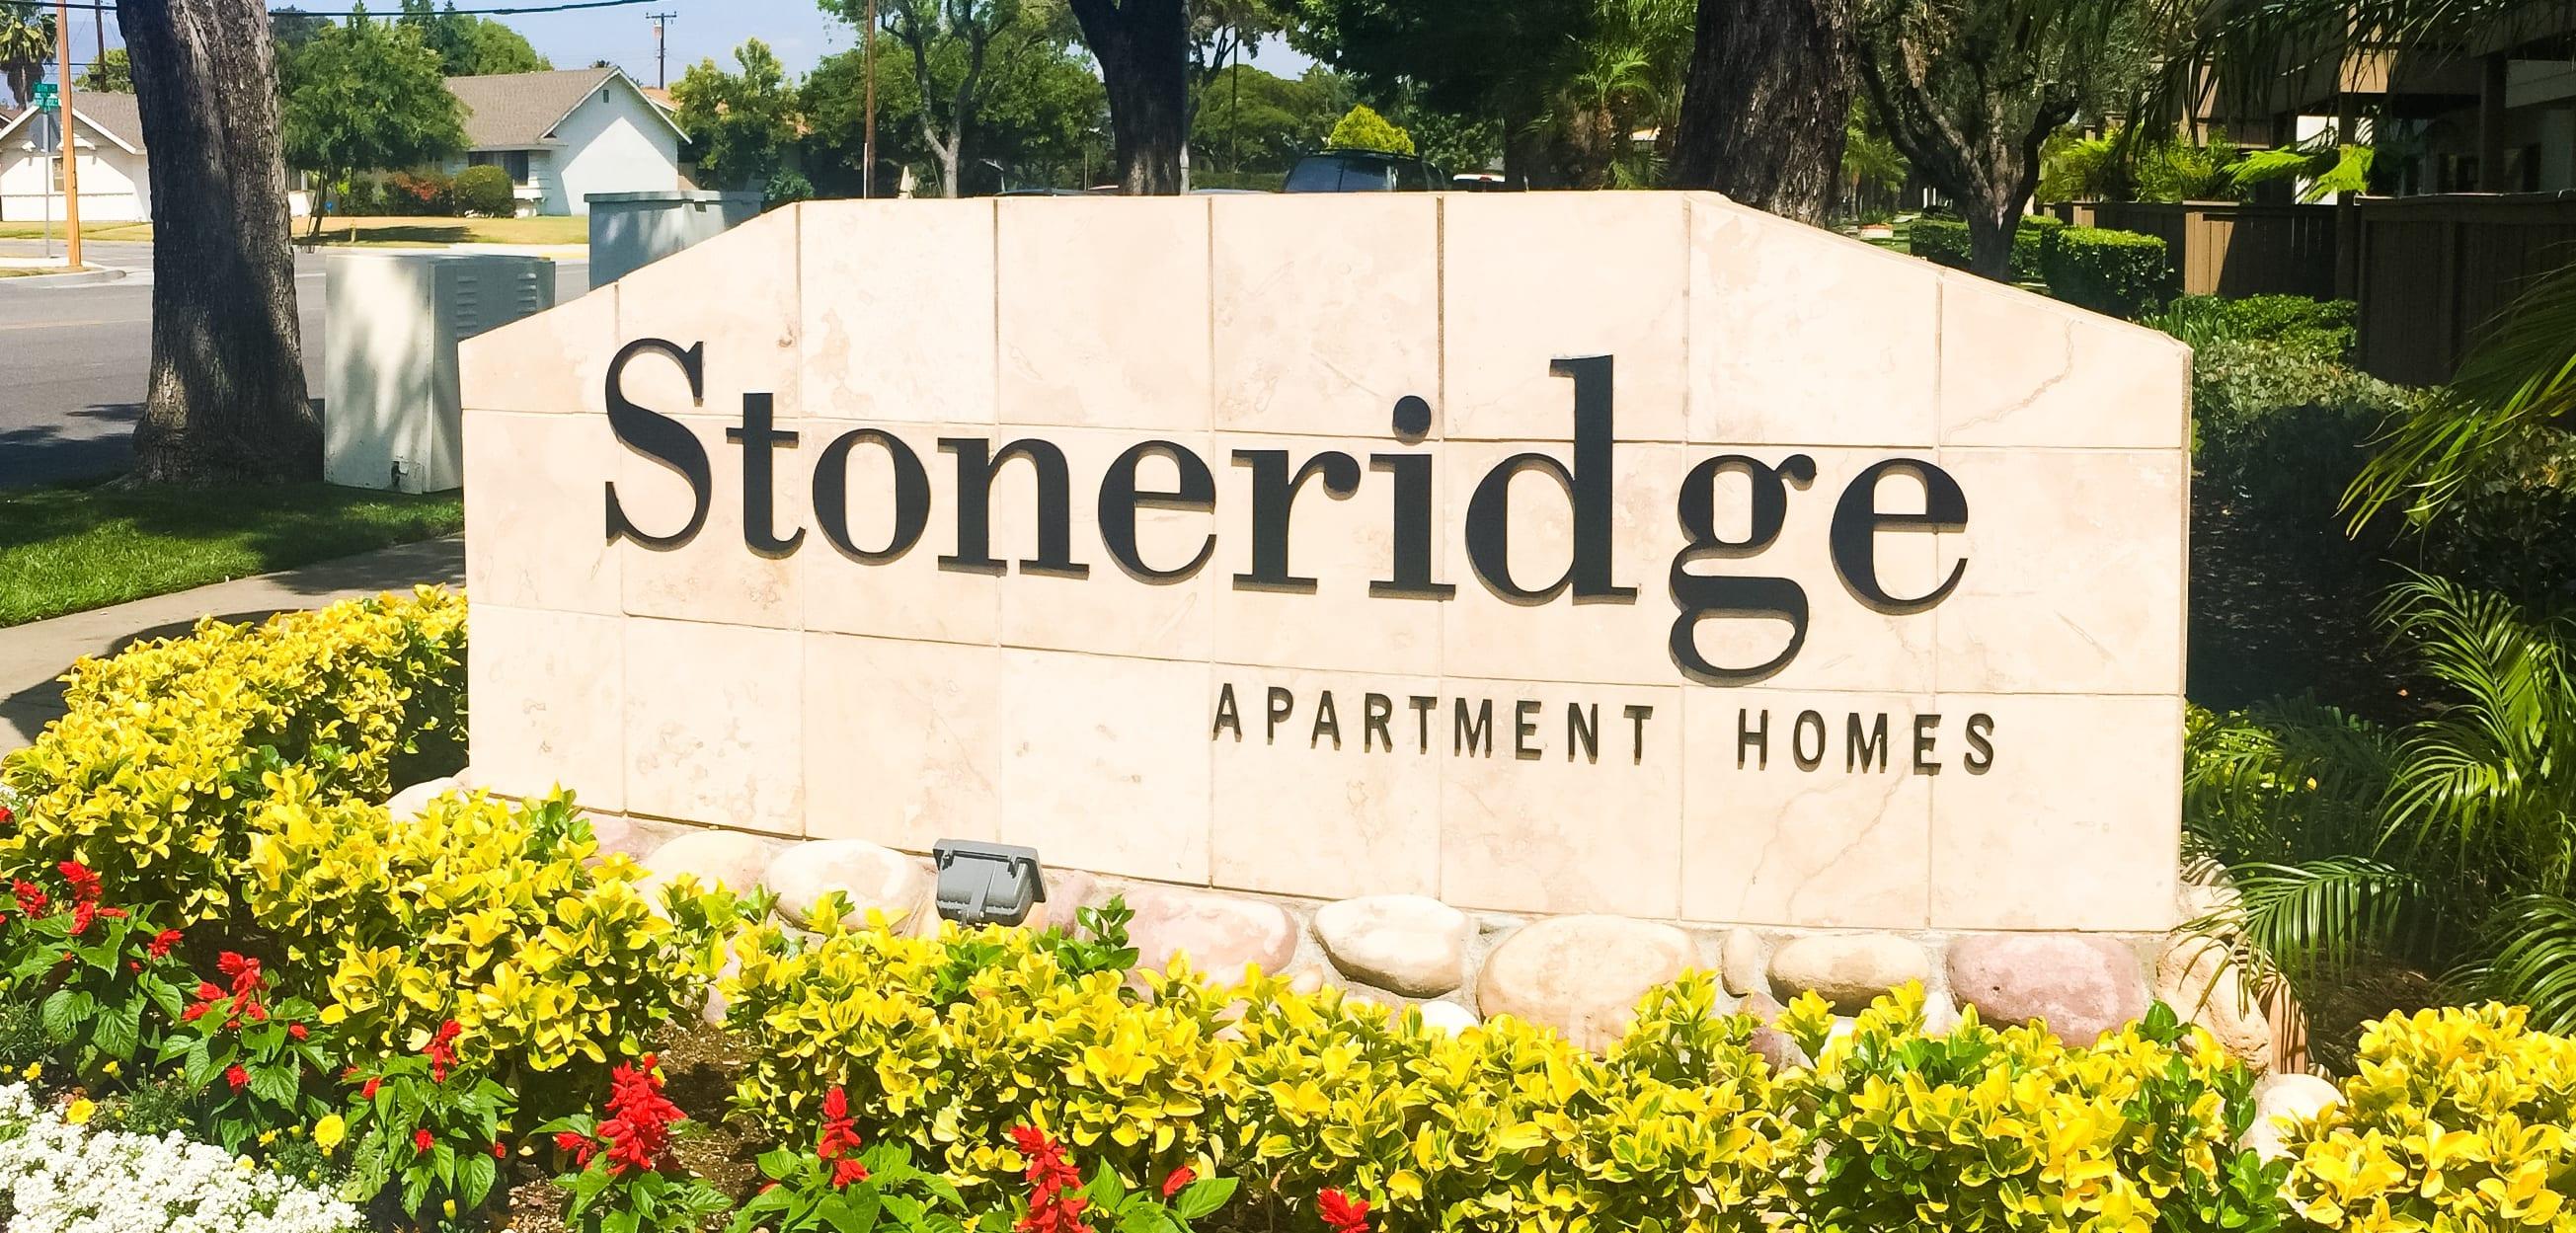 Stoneridge Apartments Signage, Upland, California, 91786